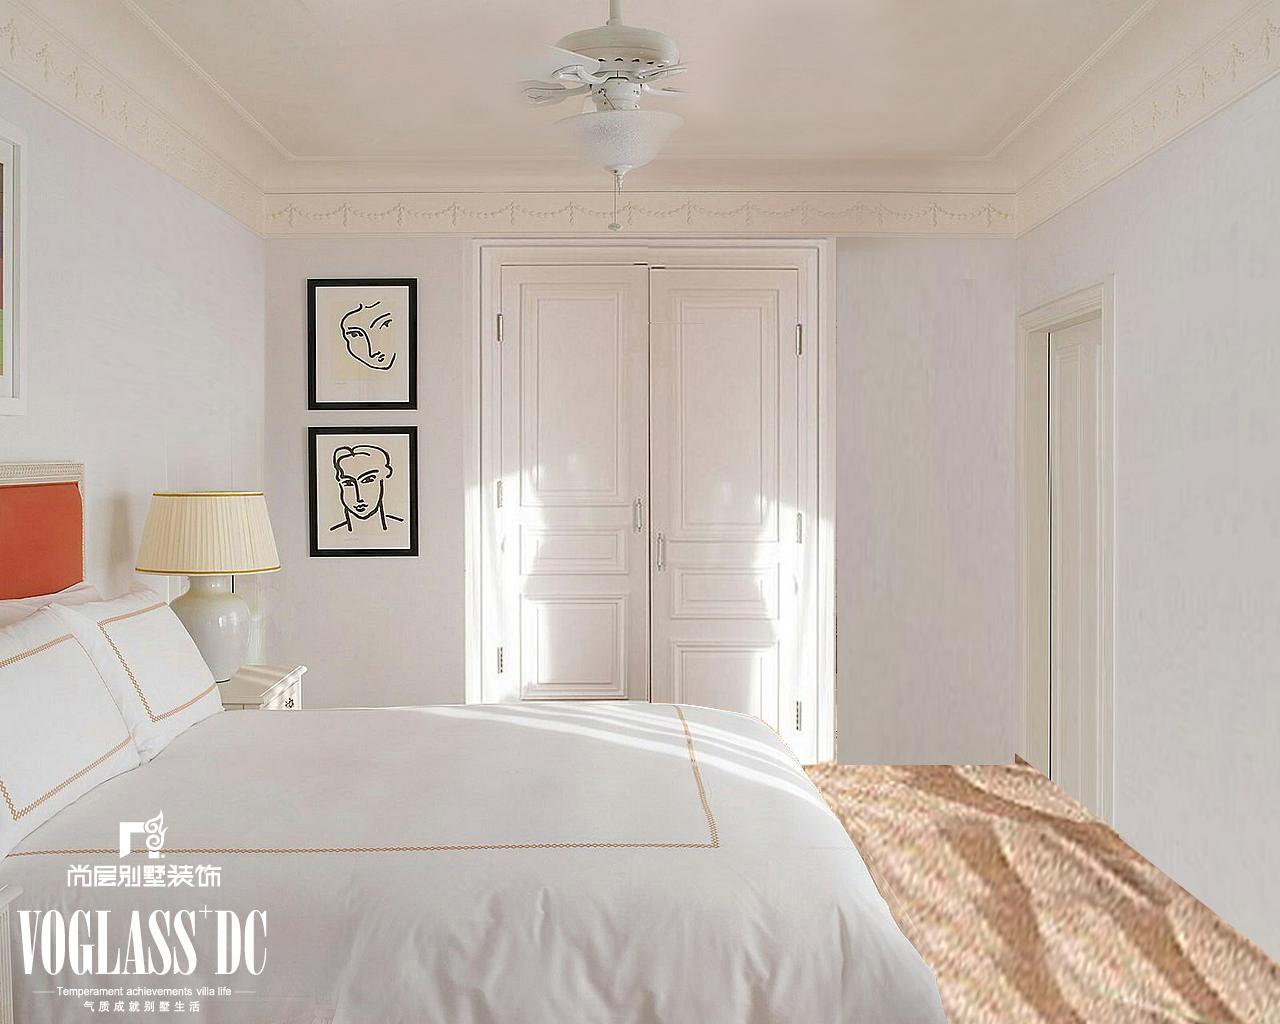 别墅 新古典 卧室图片来自Spencer丶nuzzi在钻石山的分享